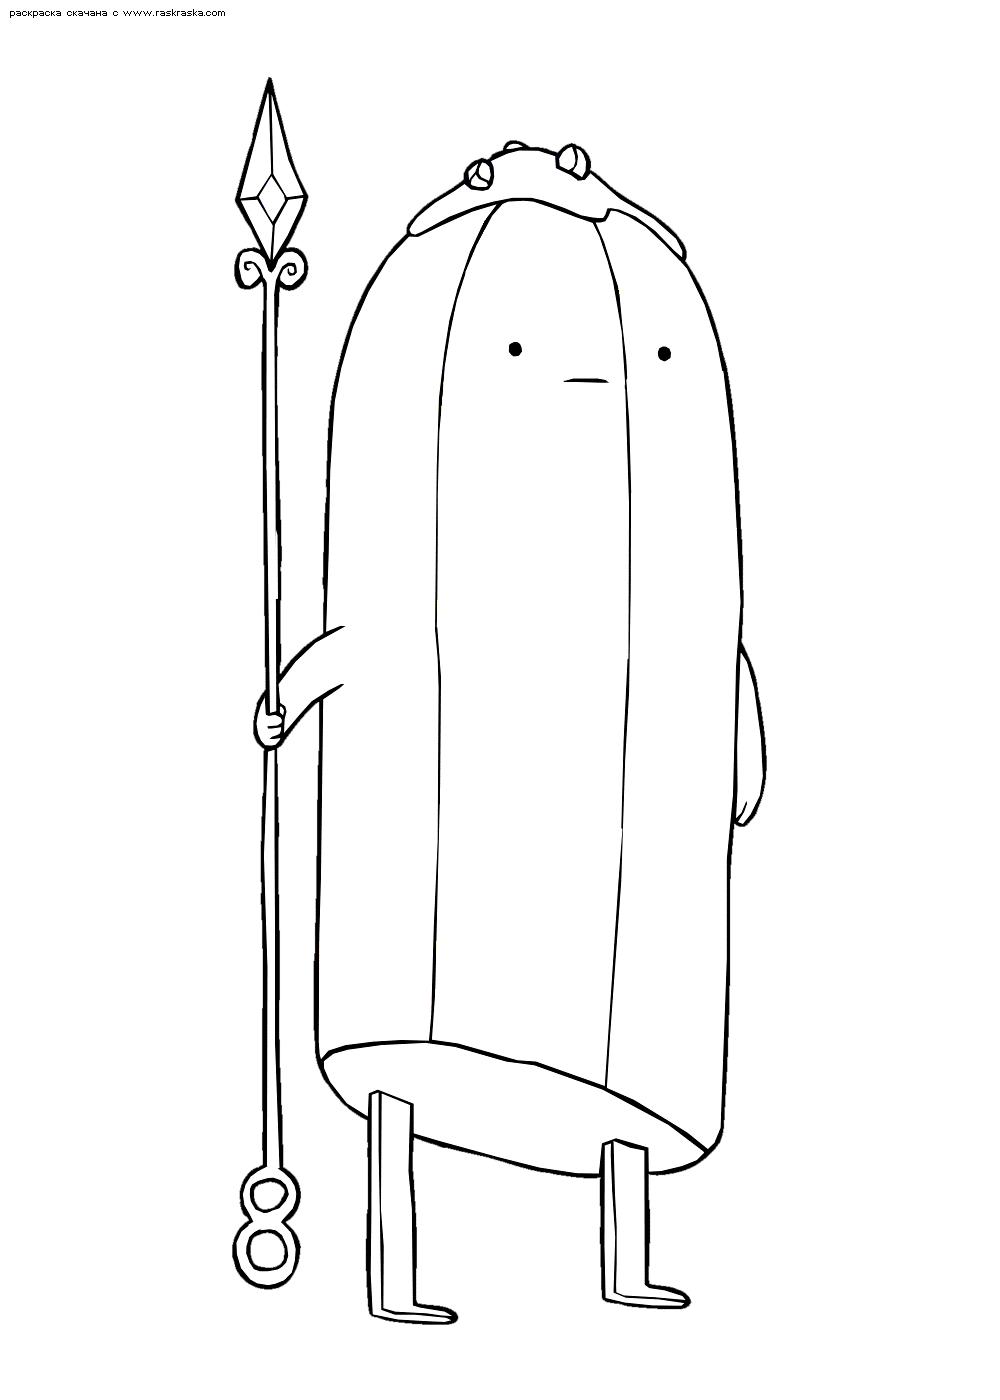 Раскраска Банановый стражник. Раскраска Время приключений